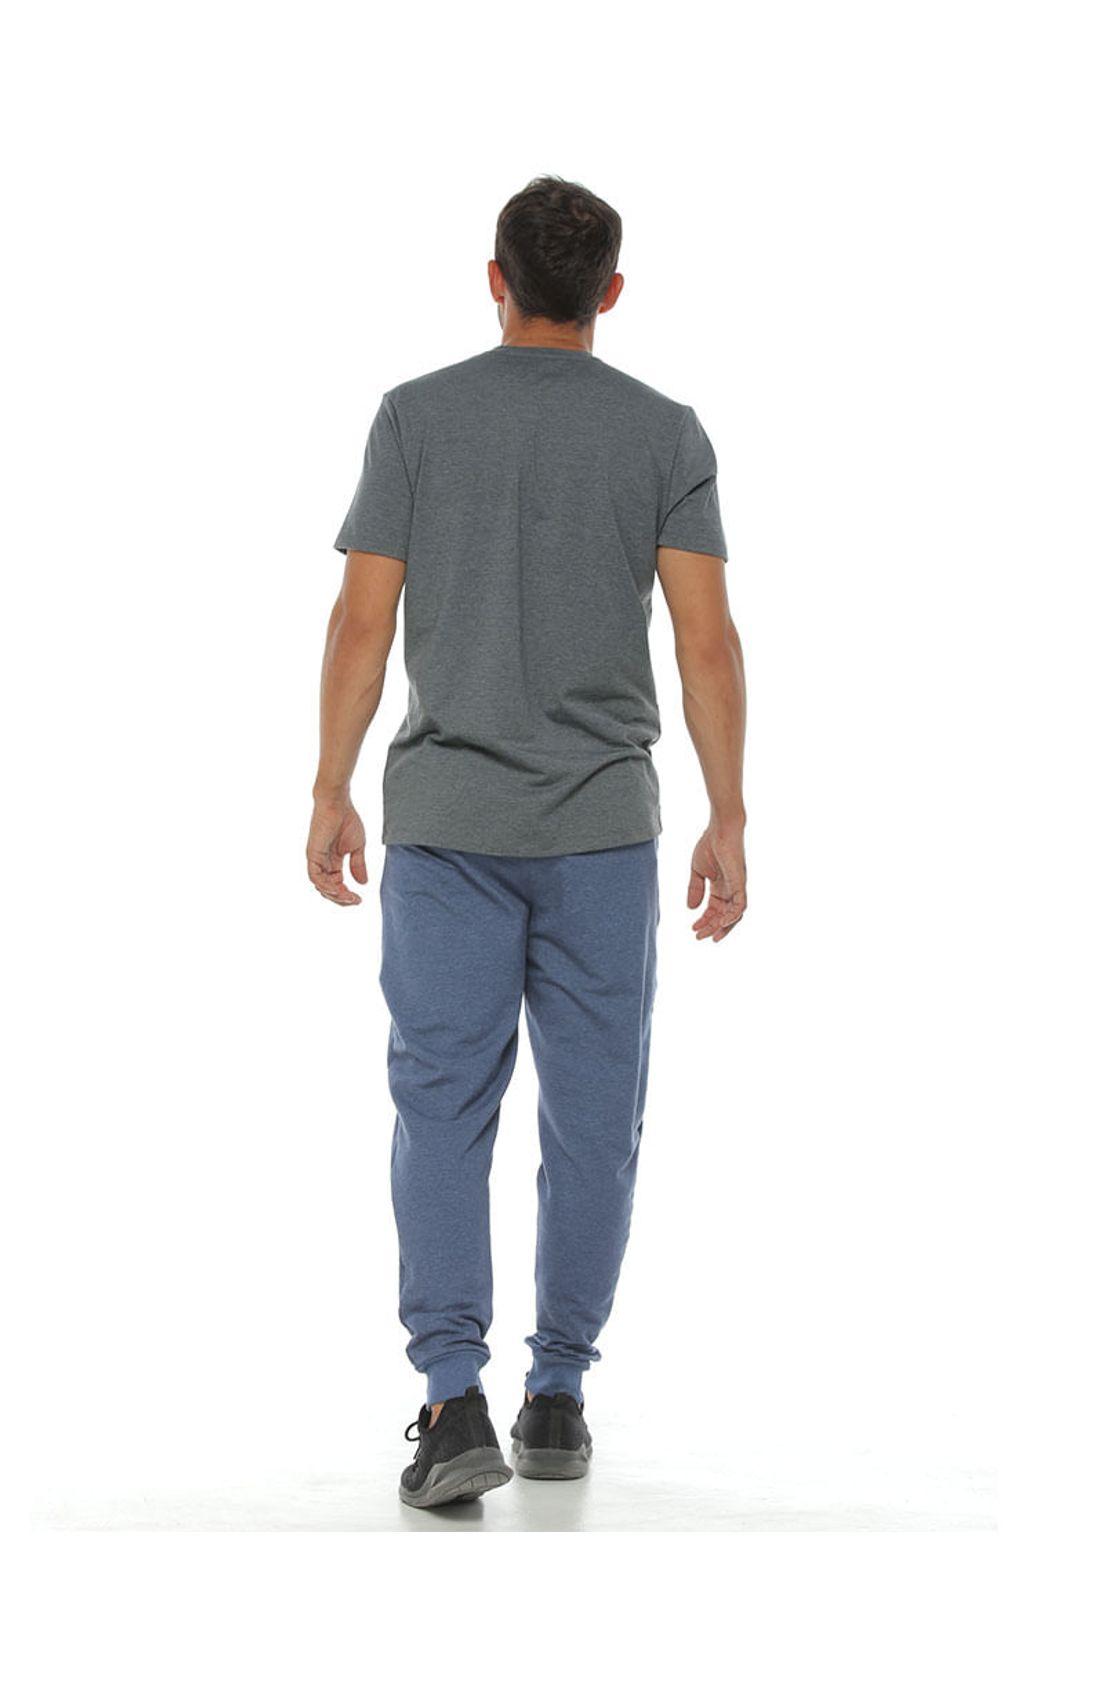 Pantalon Jogger Color Azul Para Hombre Tennis